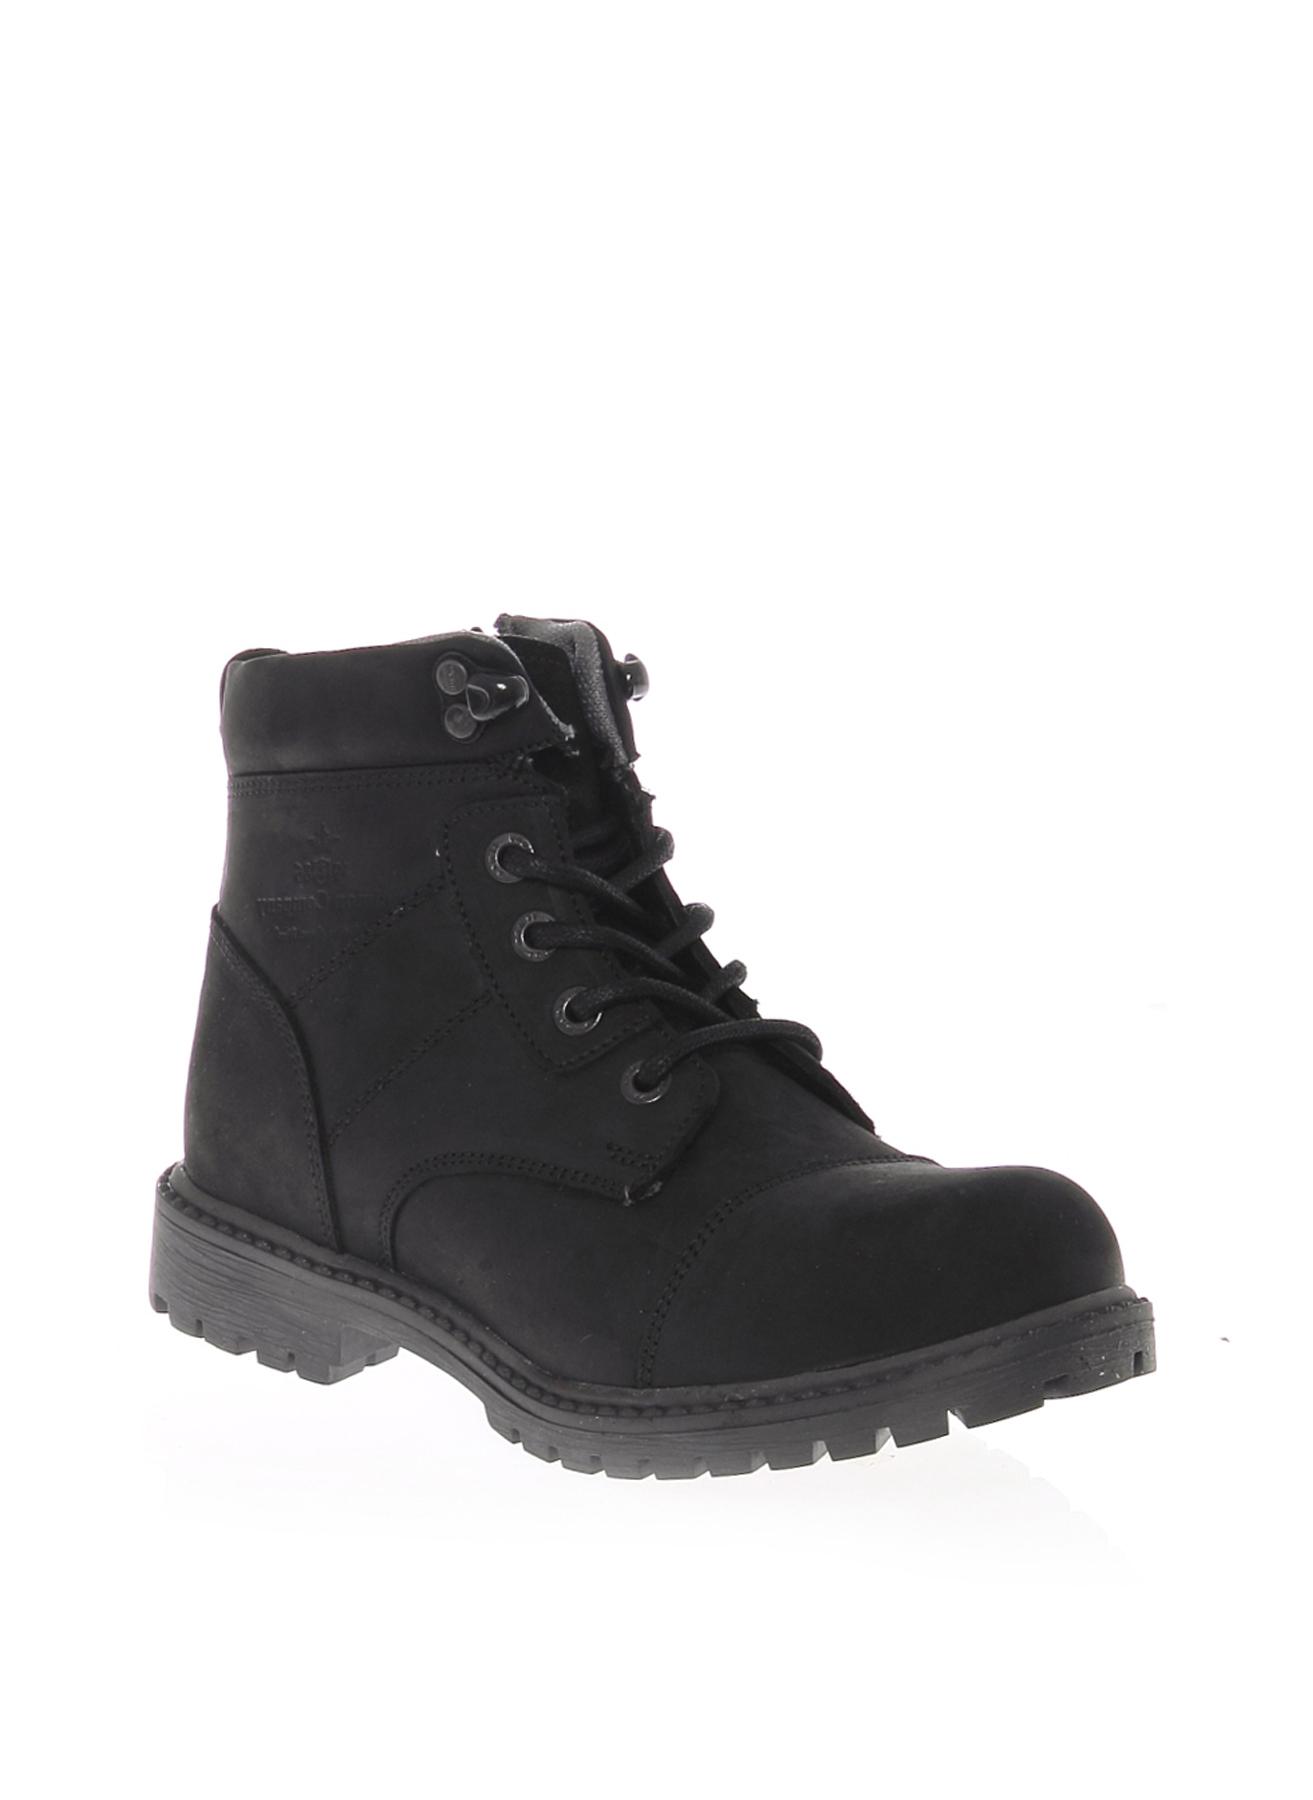 31 Erkek Siyah Limon Bot 5000037371007 Ayakkabı & Çanta Çocuk Ayakkabıları Çizmeler